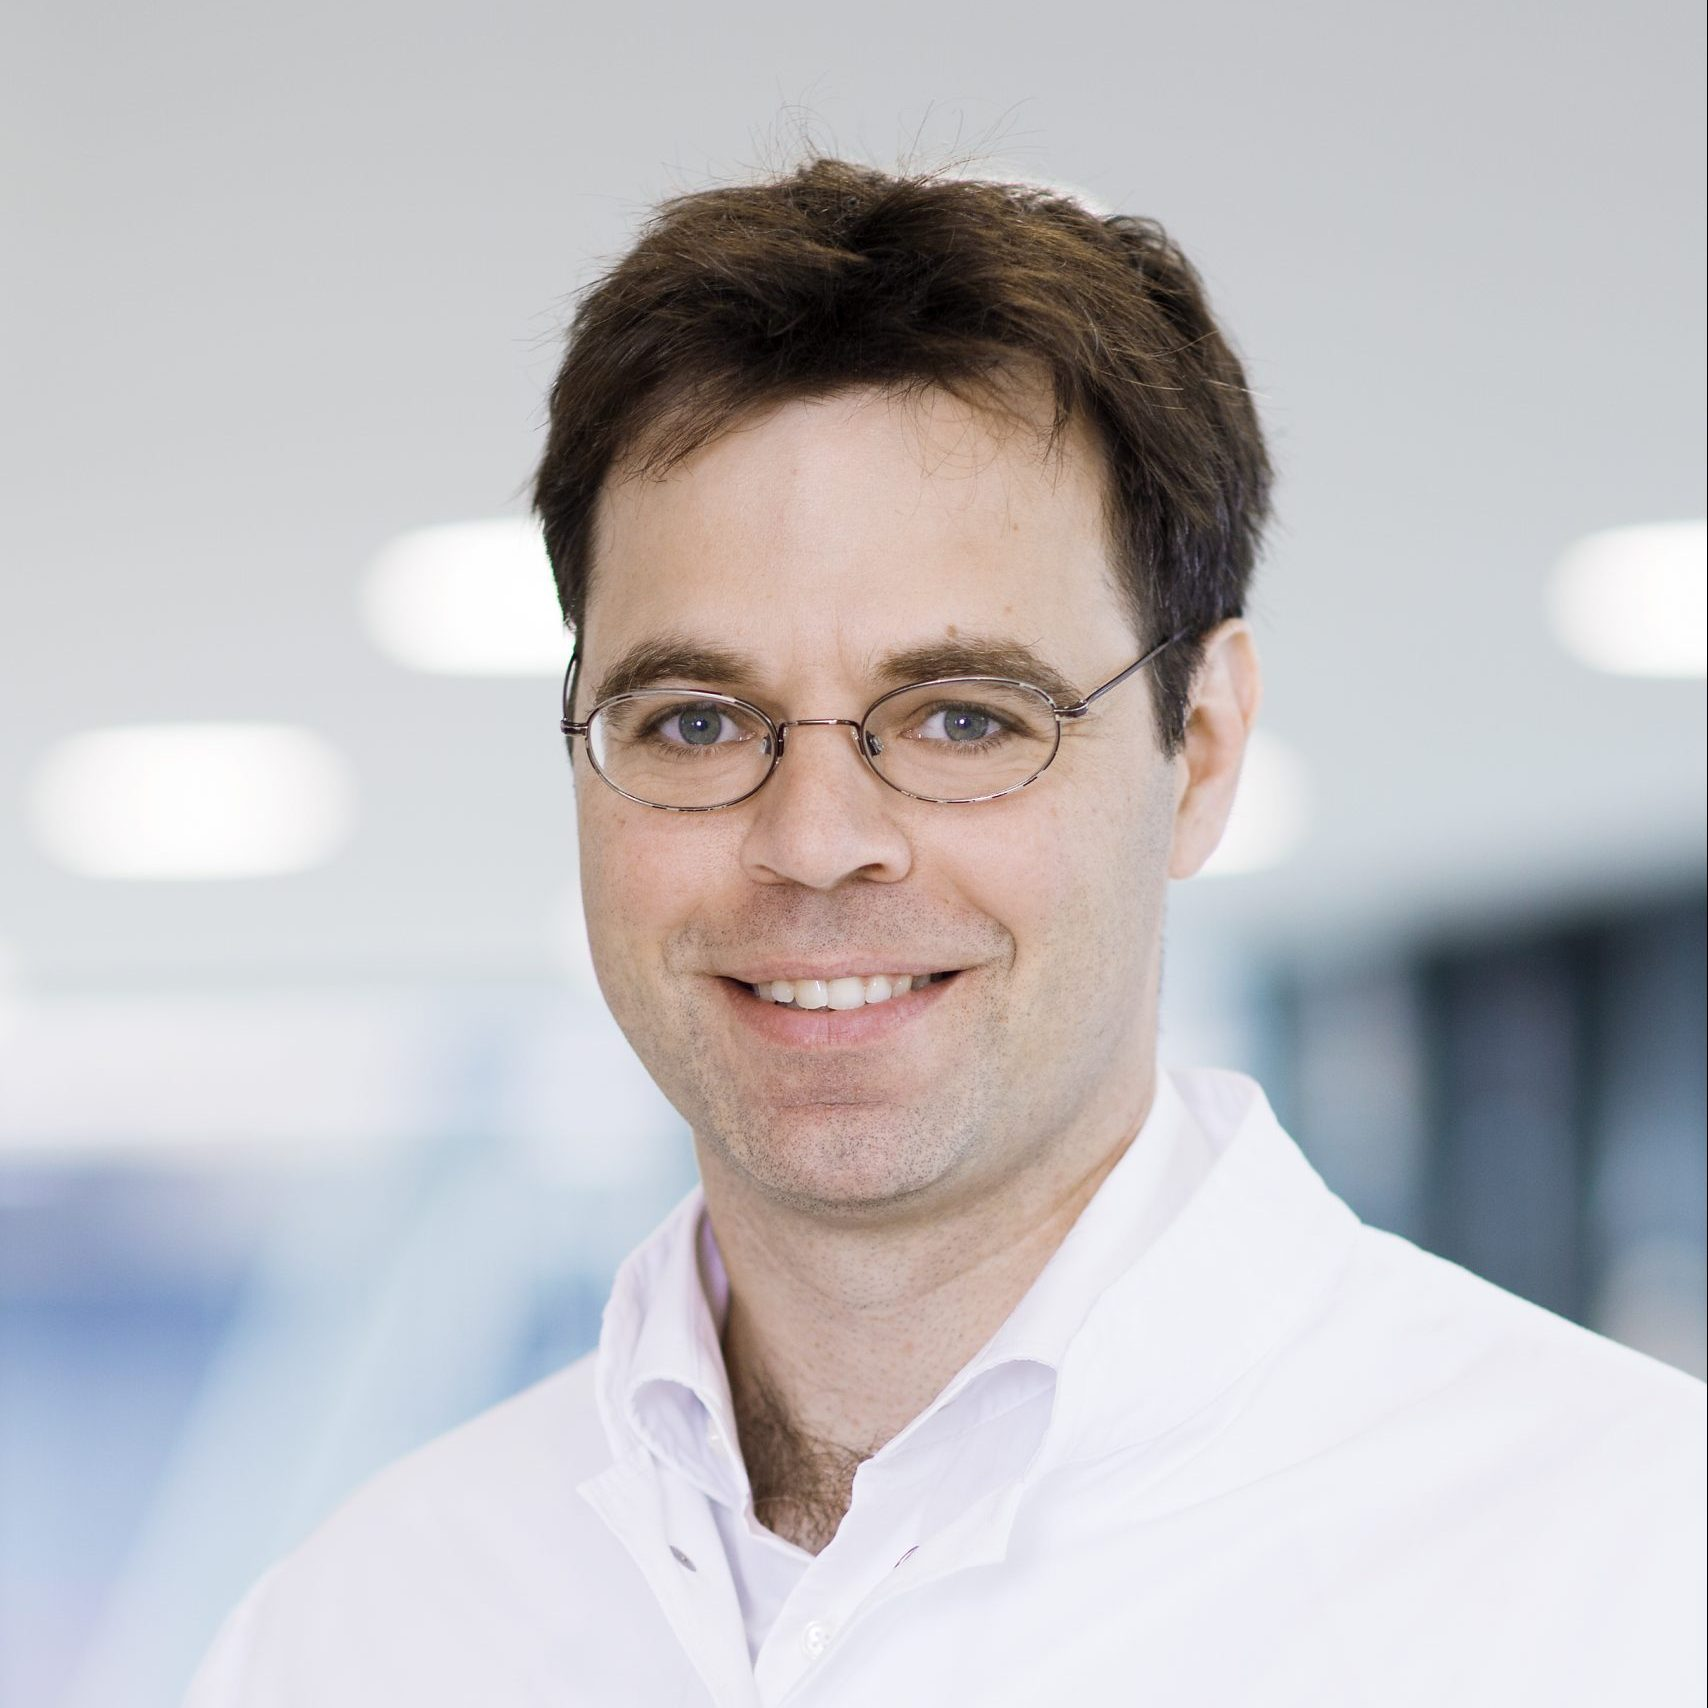 Dr. Christoph Zrenner